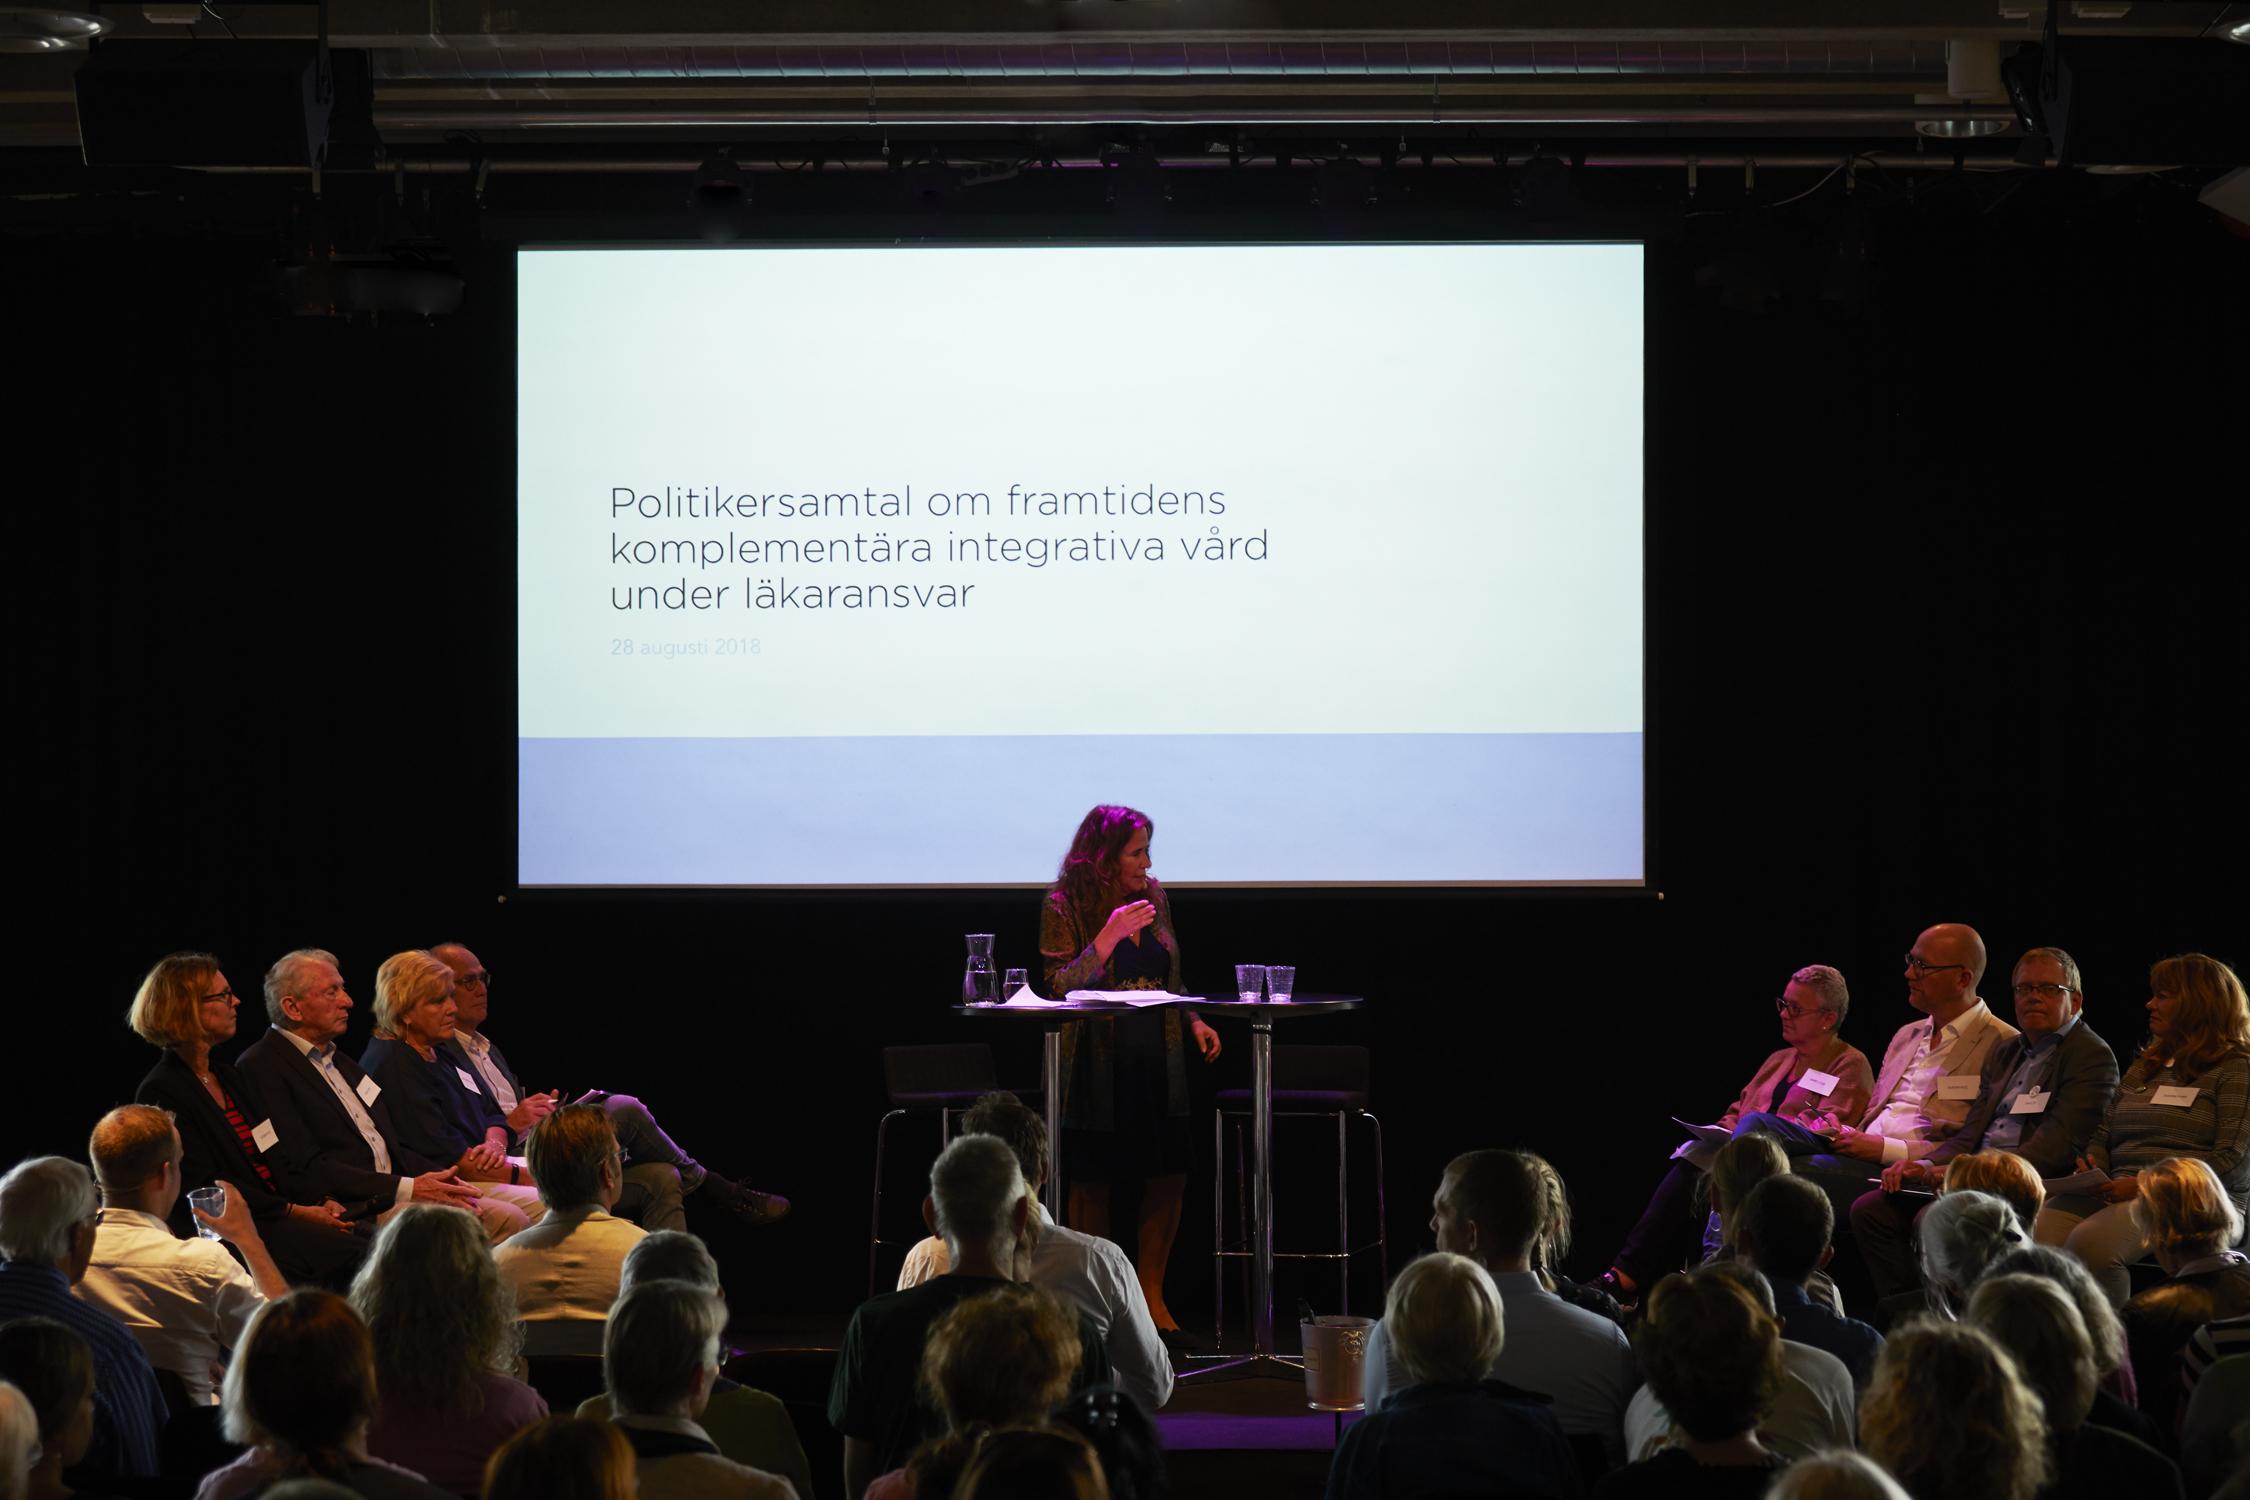 Annika Dopping ledde Politikersamtal om framtidens komplementära integrativa vård under läkaransvar